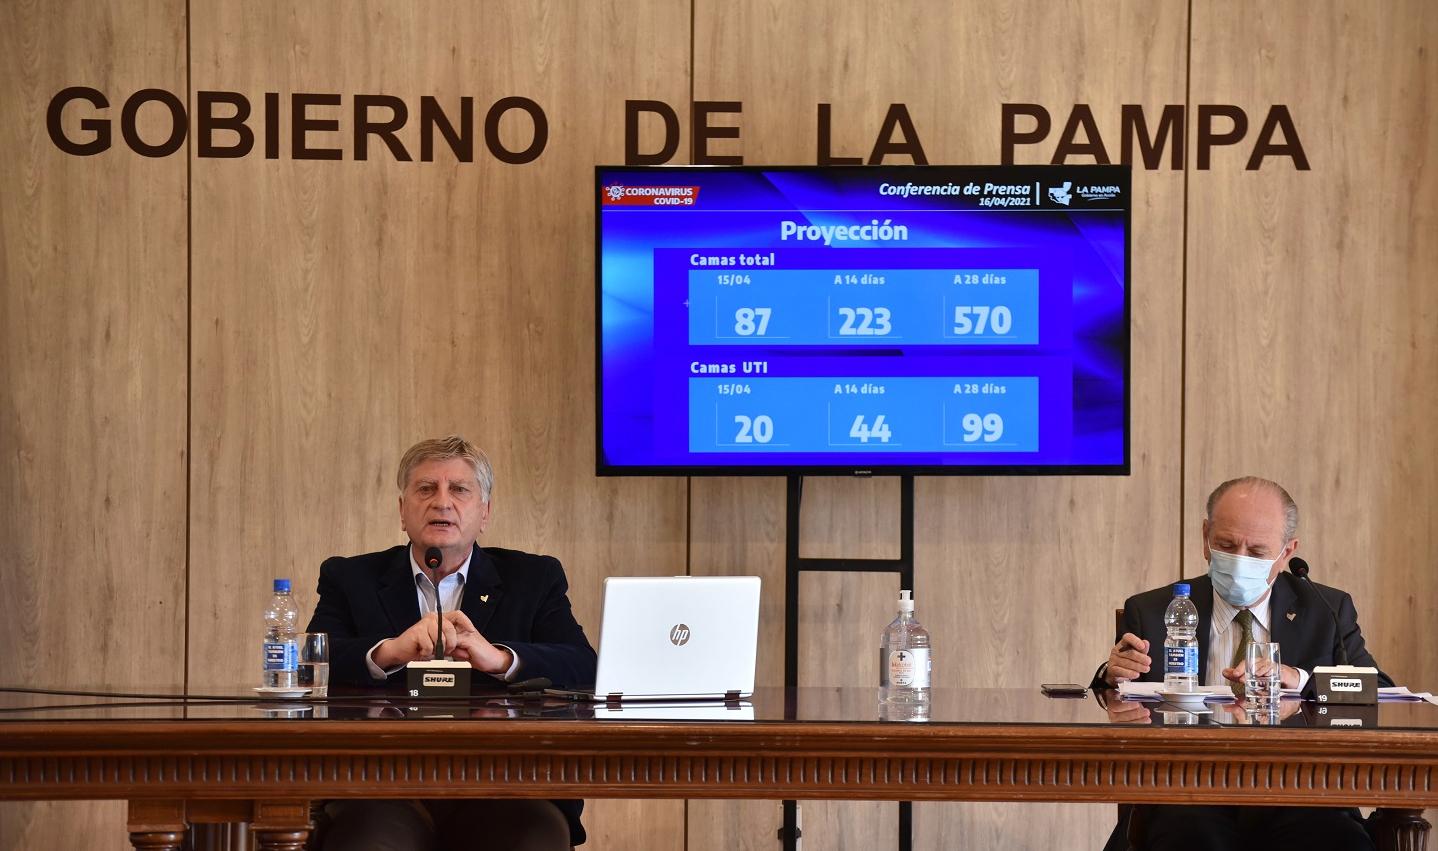 La Pampa: Prorrogan las restricciones hasta el 21 de mayo